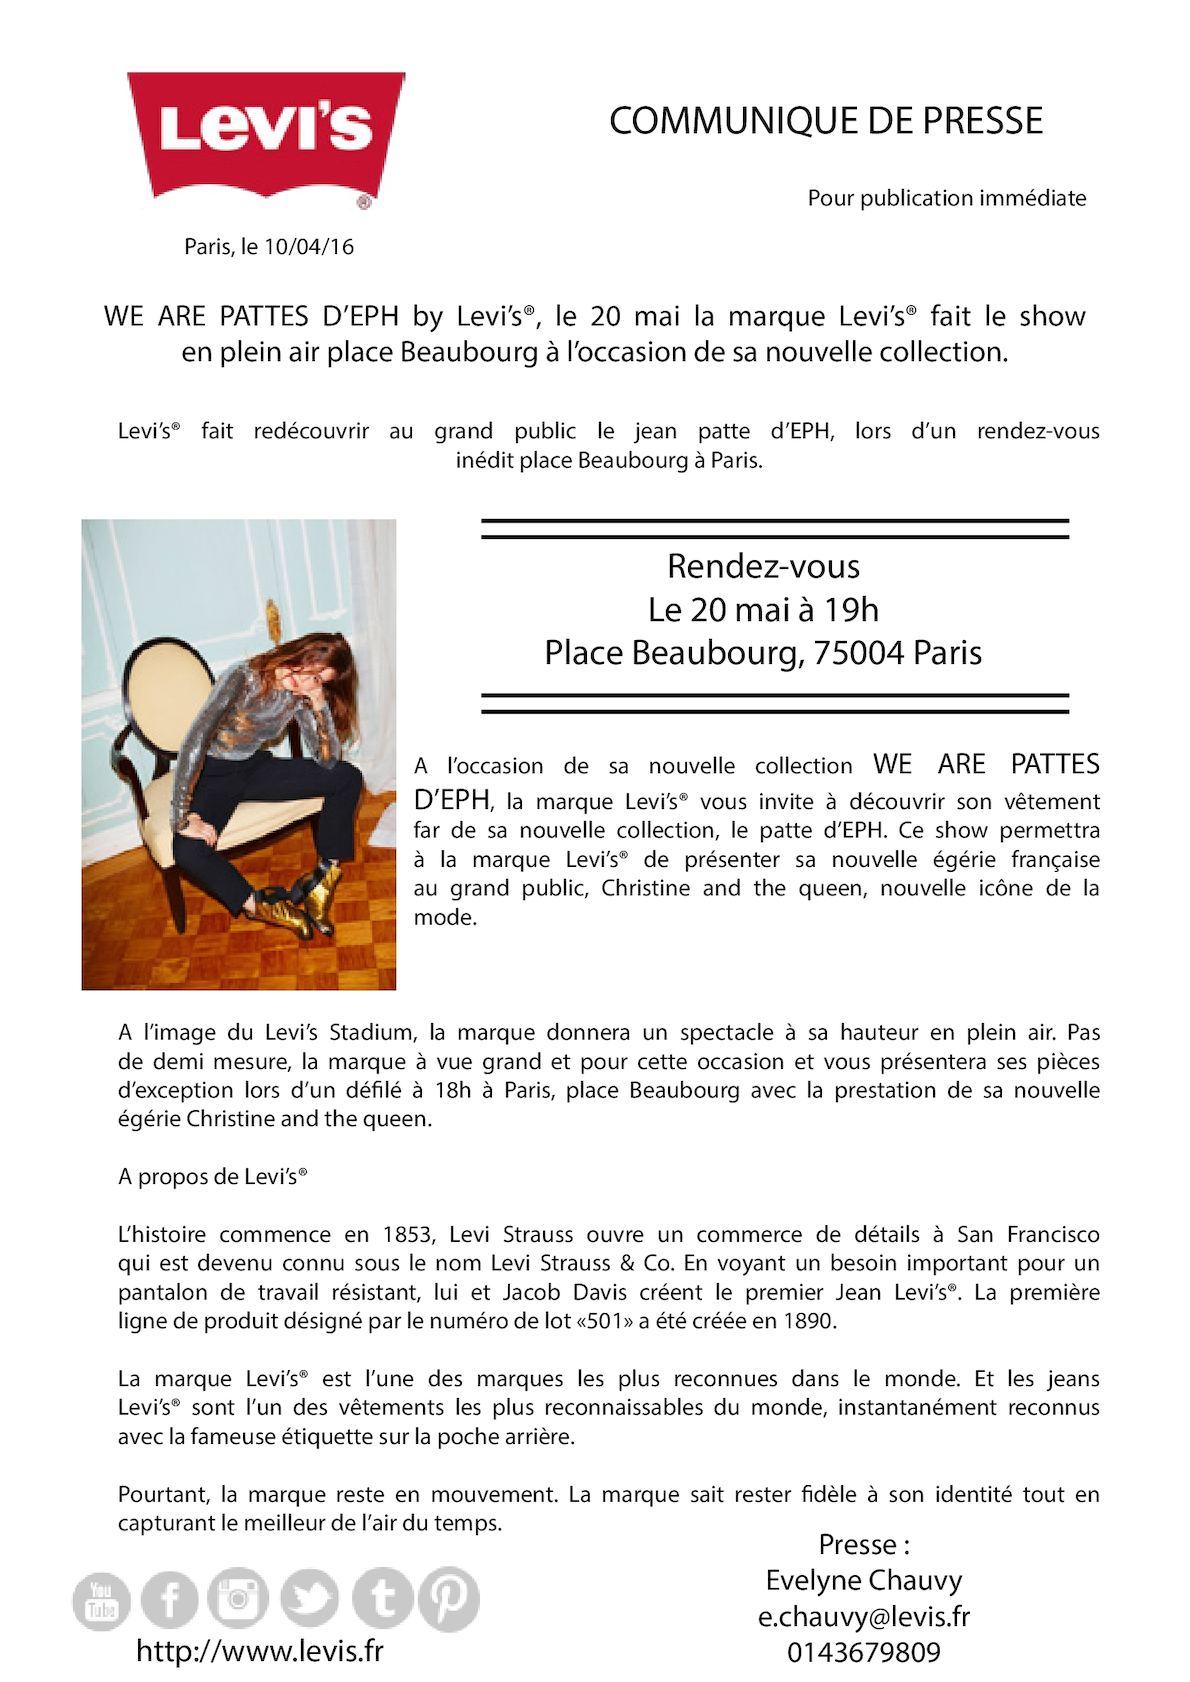 Très Calaméo - Communiqué de presse - Levi's We Are Patte d'Eph QT56